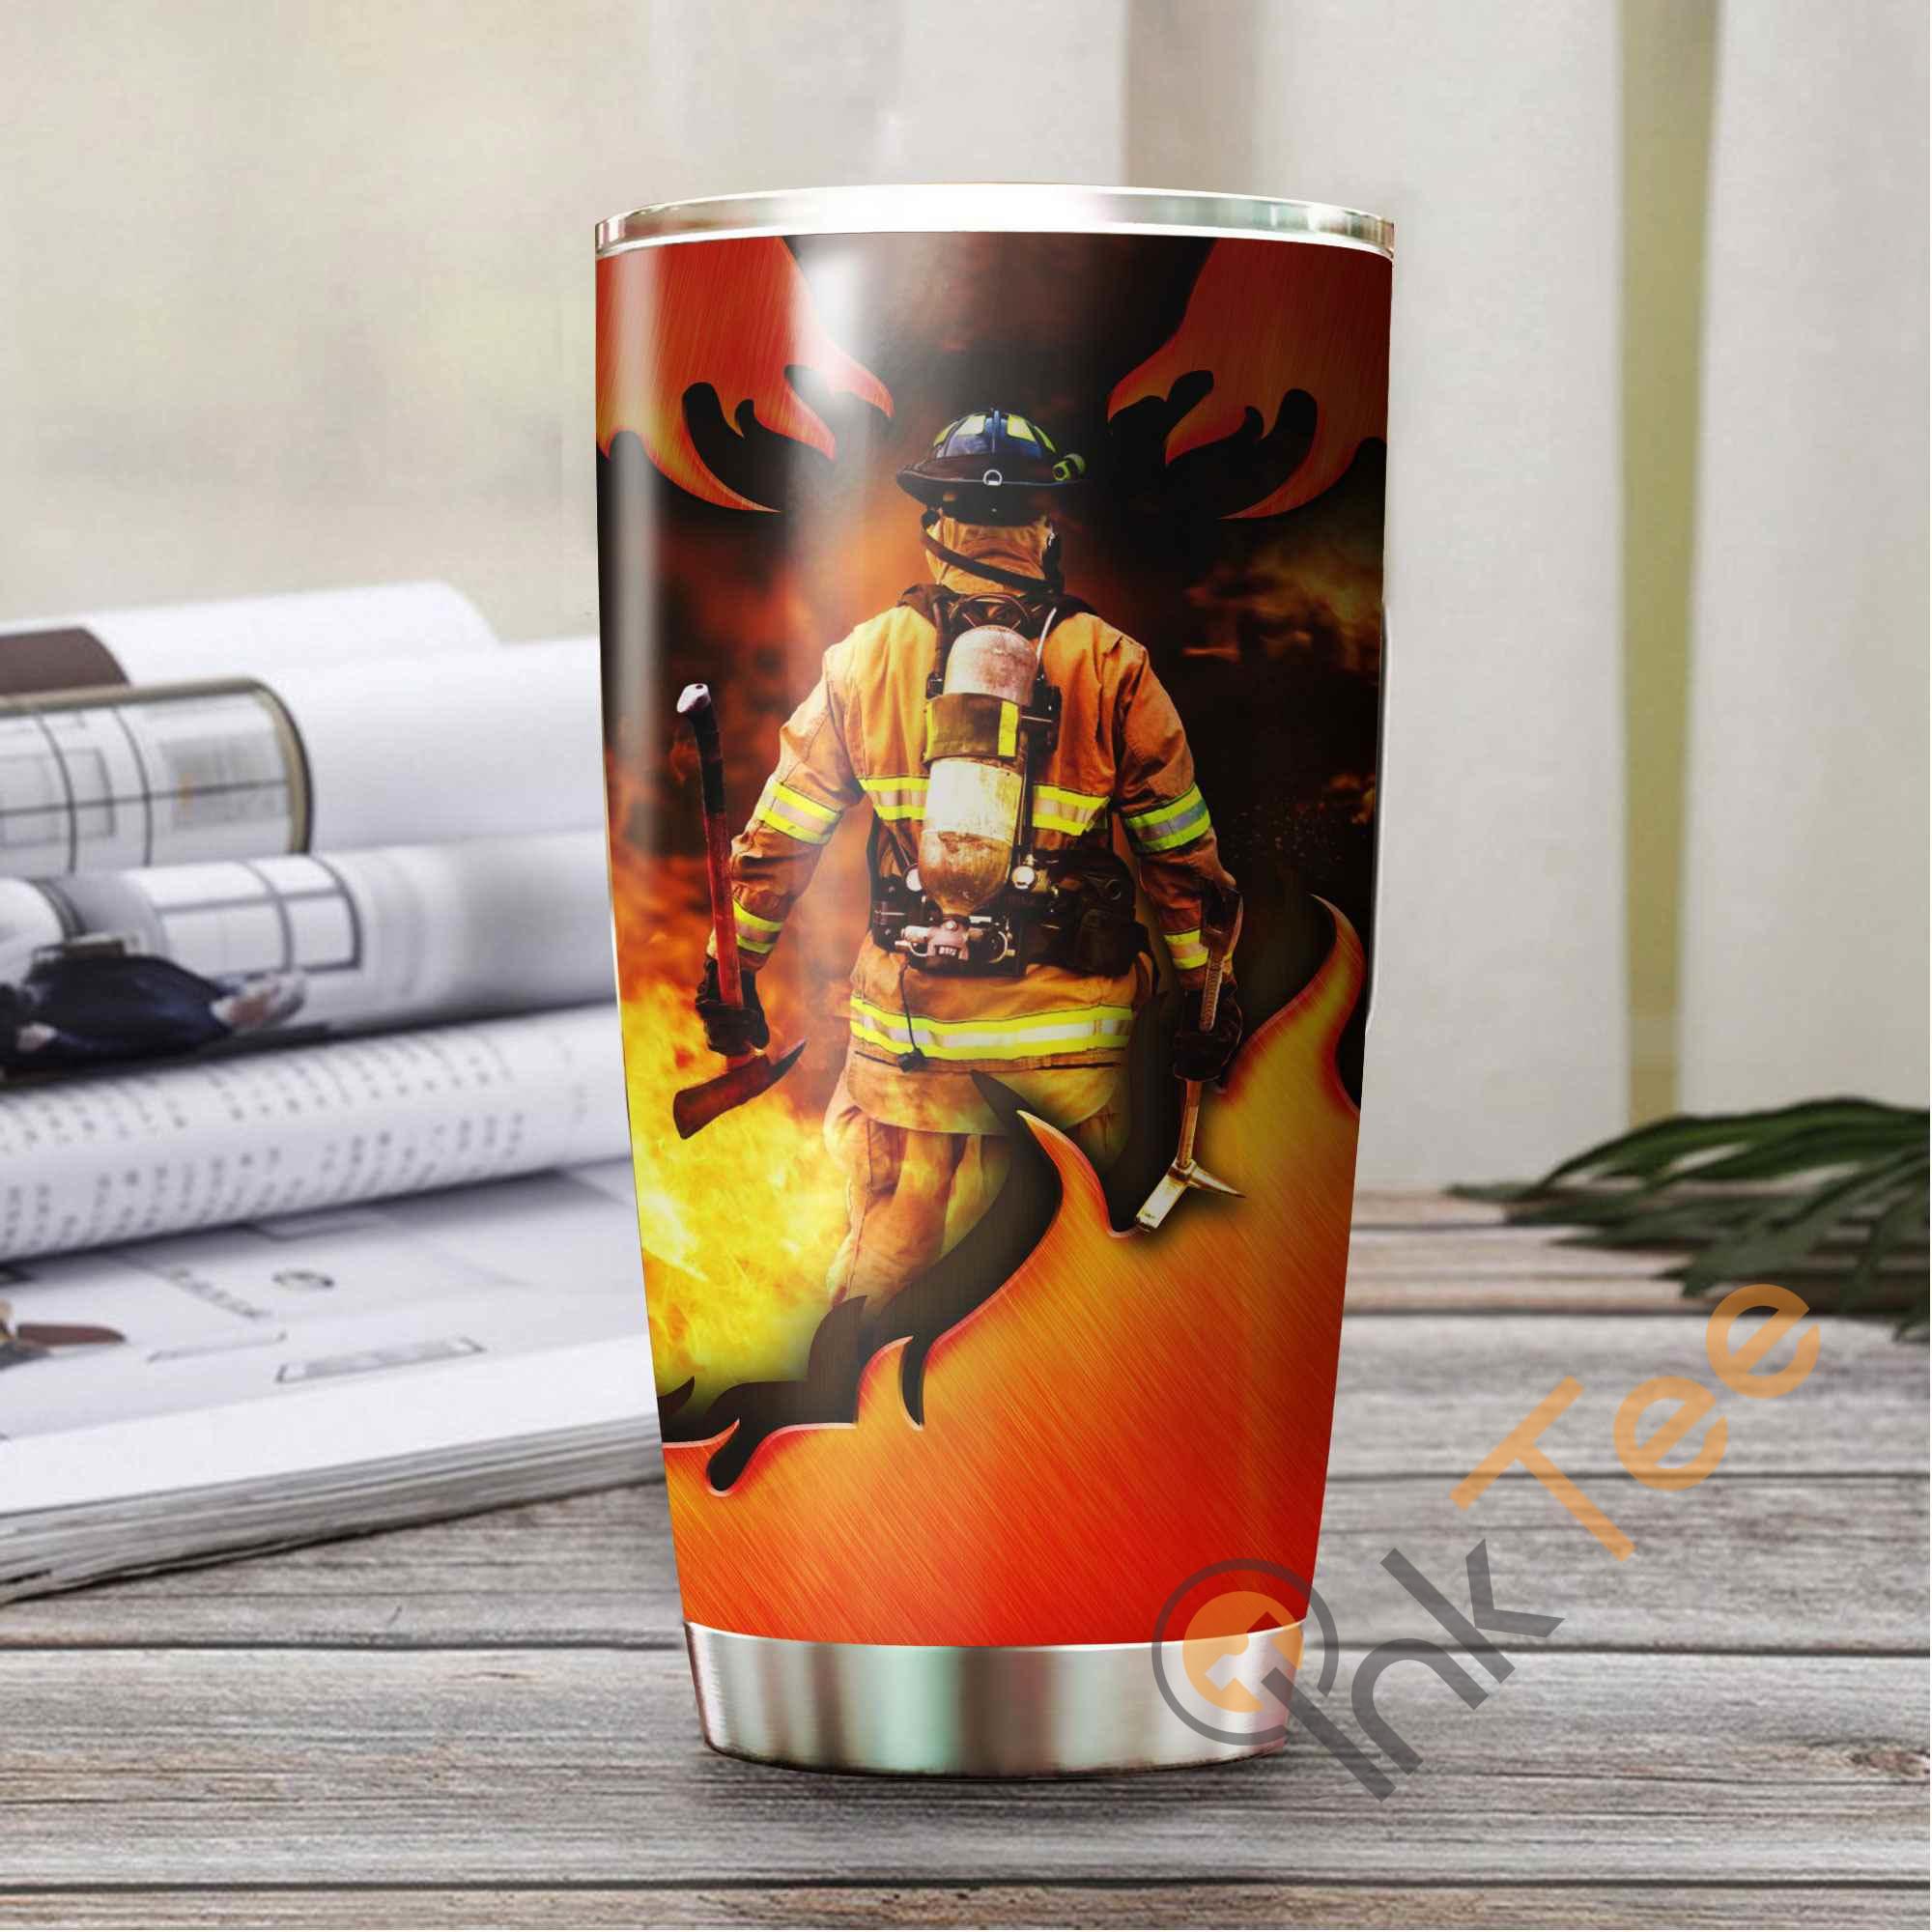 Firefighter Amazon Best Seller Sku 3810 Stainless Steel Tumbler